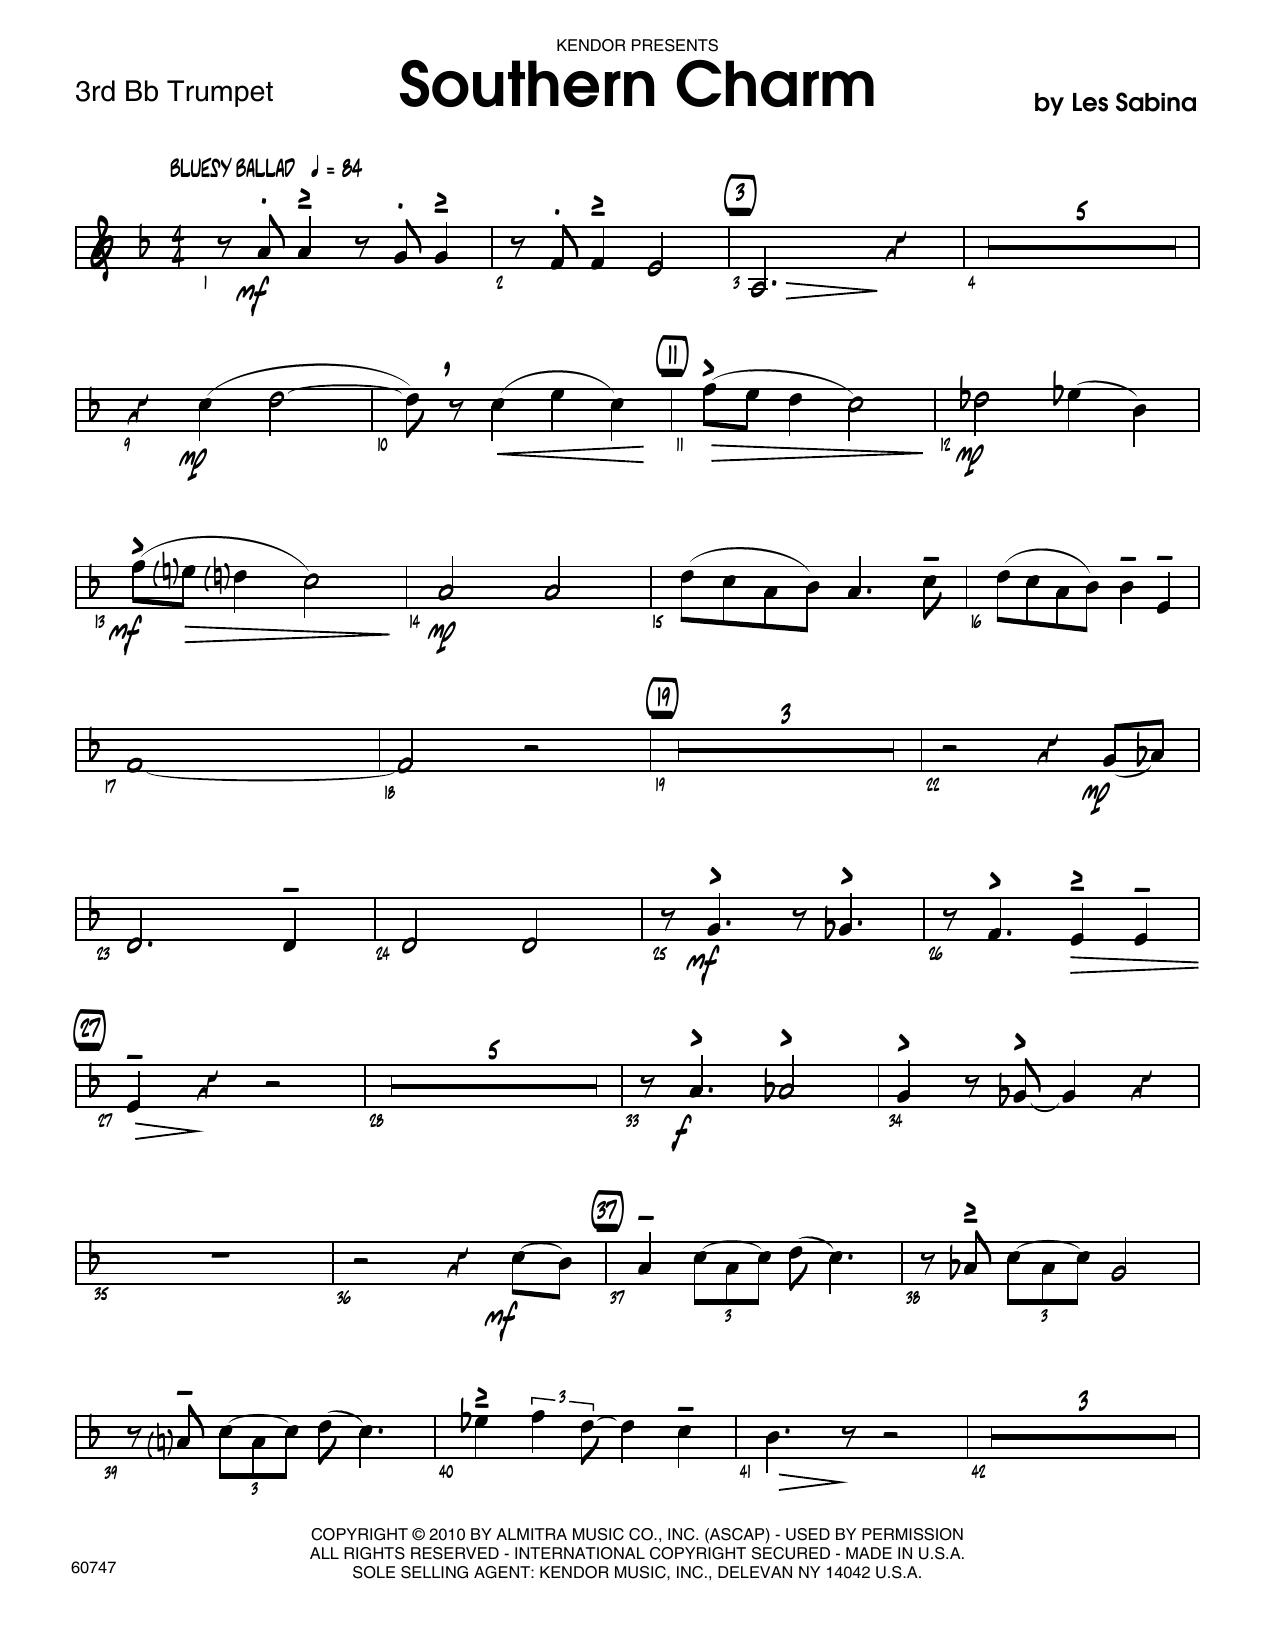 Southern Charm - 3rd Bb Trumpet Sheet Music